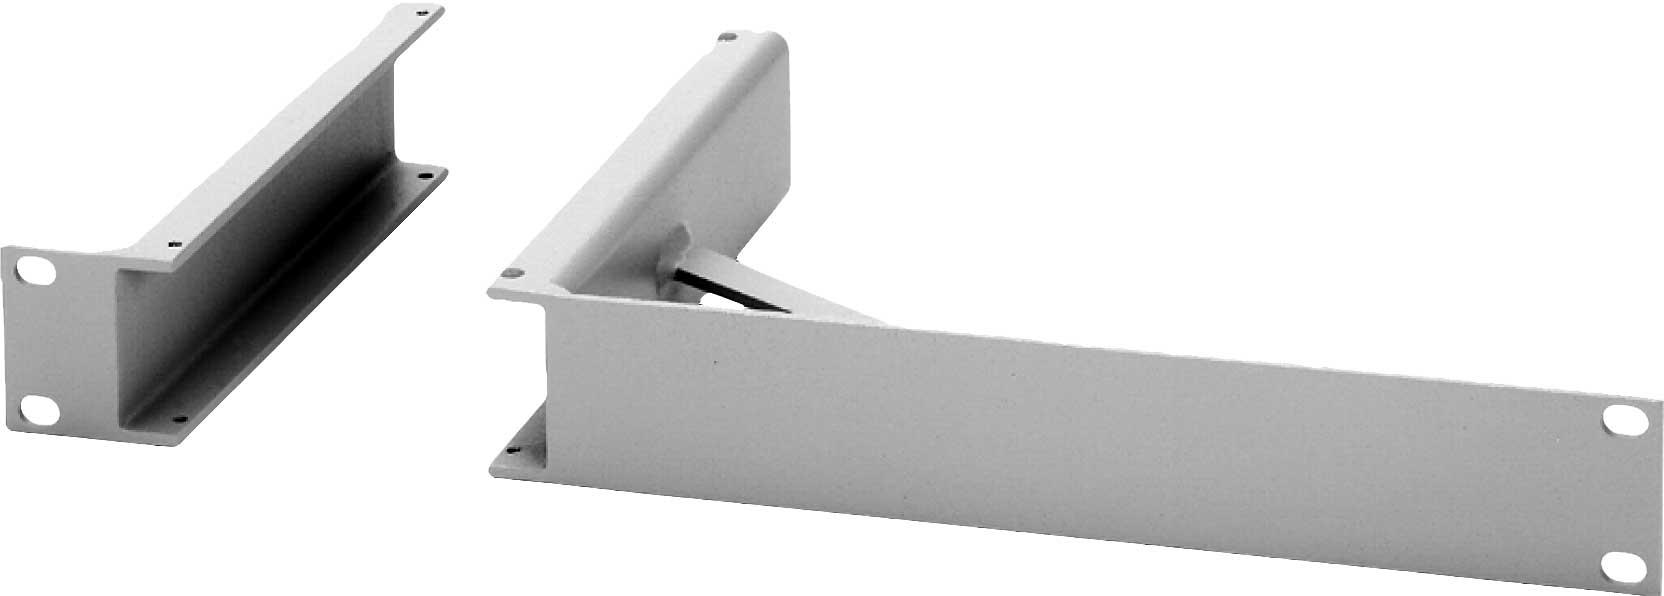 Single Rackmount Kit for SSA-324, SSA-424